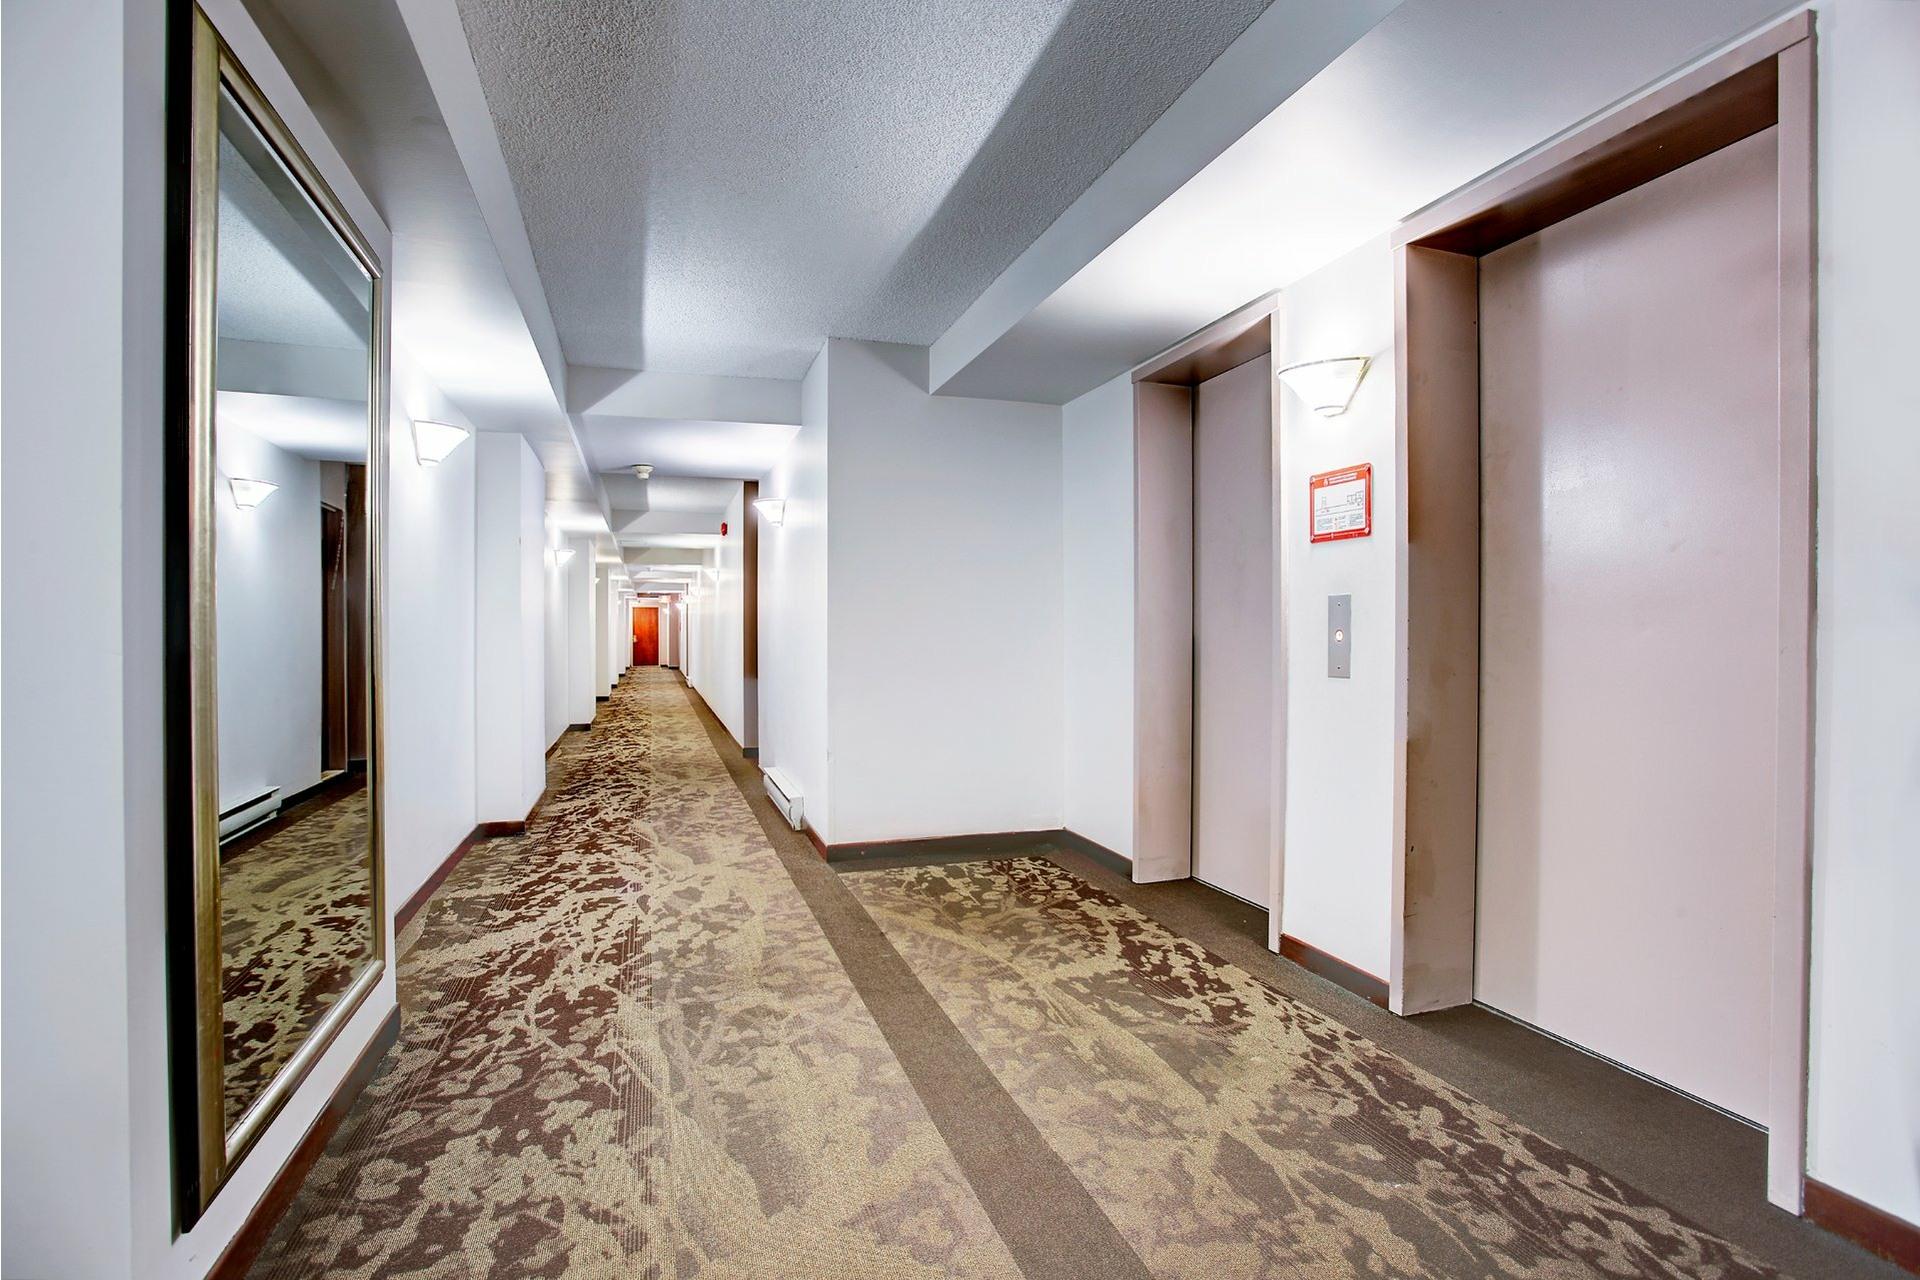 image 5 - Apartment For rent Saint-Laurent Montréal  - 8 rooms